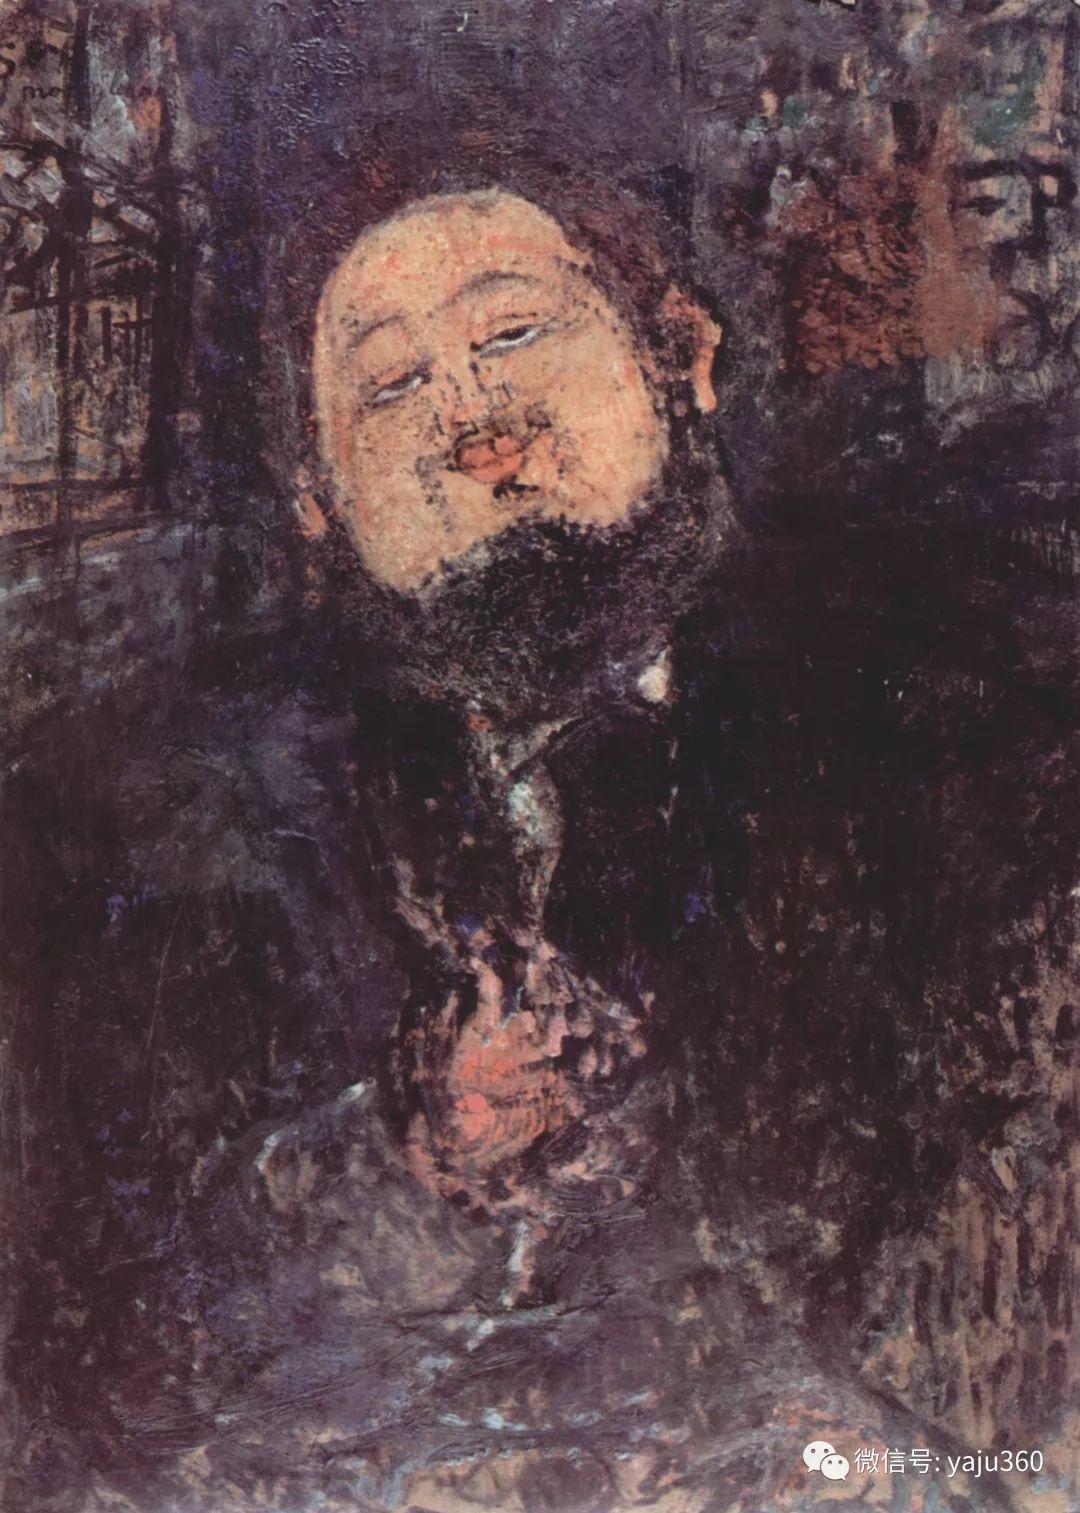 世界著名画家之莫迪利阿尼插图9